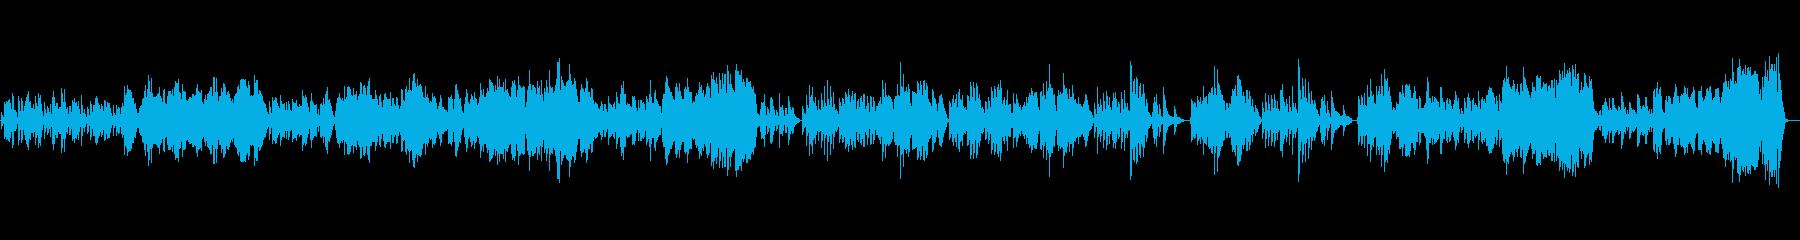 バイオリンソナタK.304 第2楽章の再生済みの波形